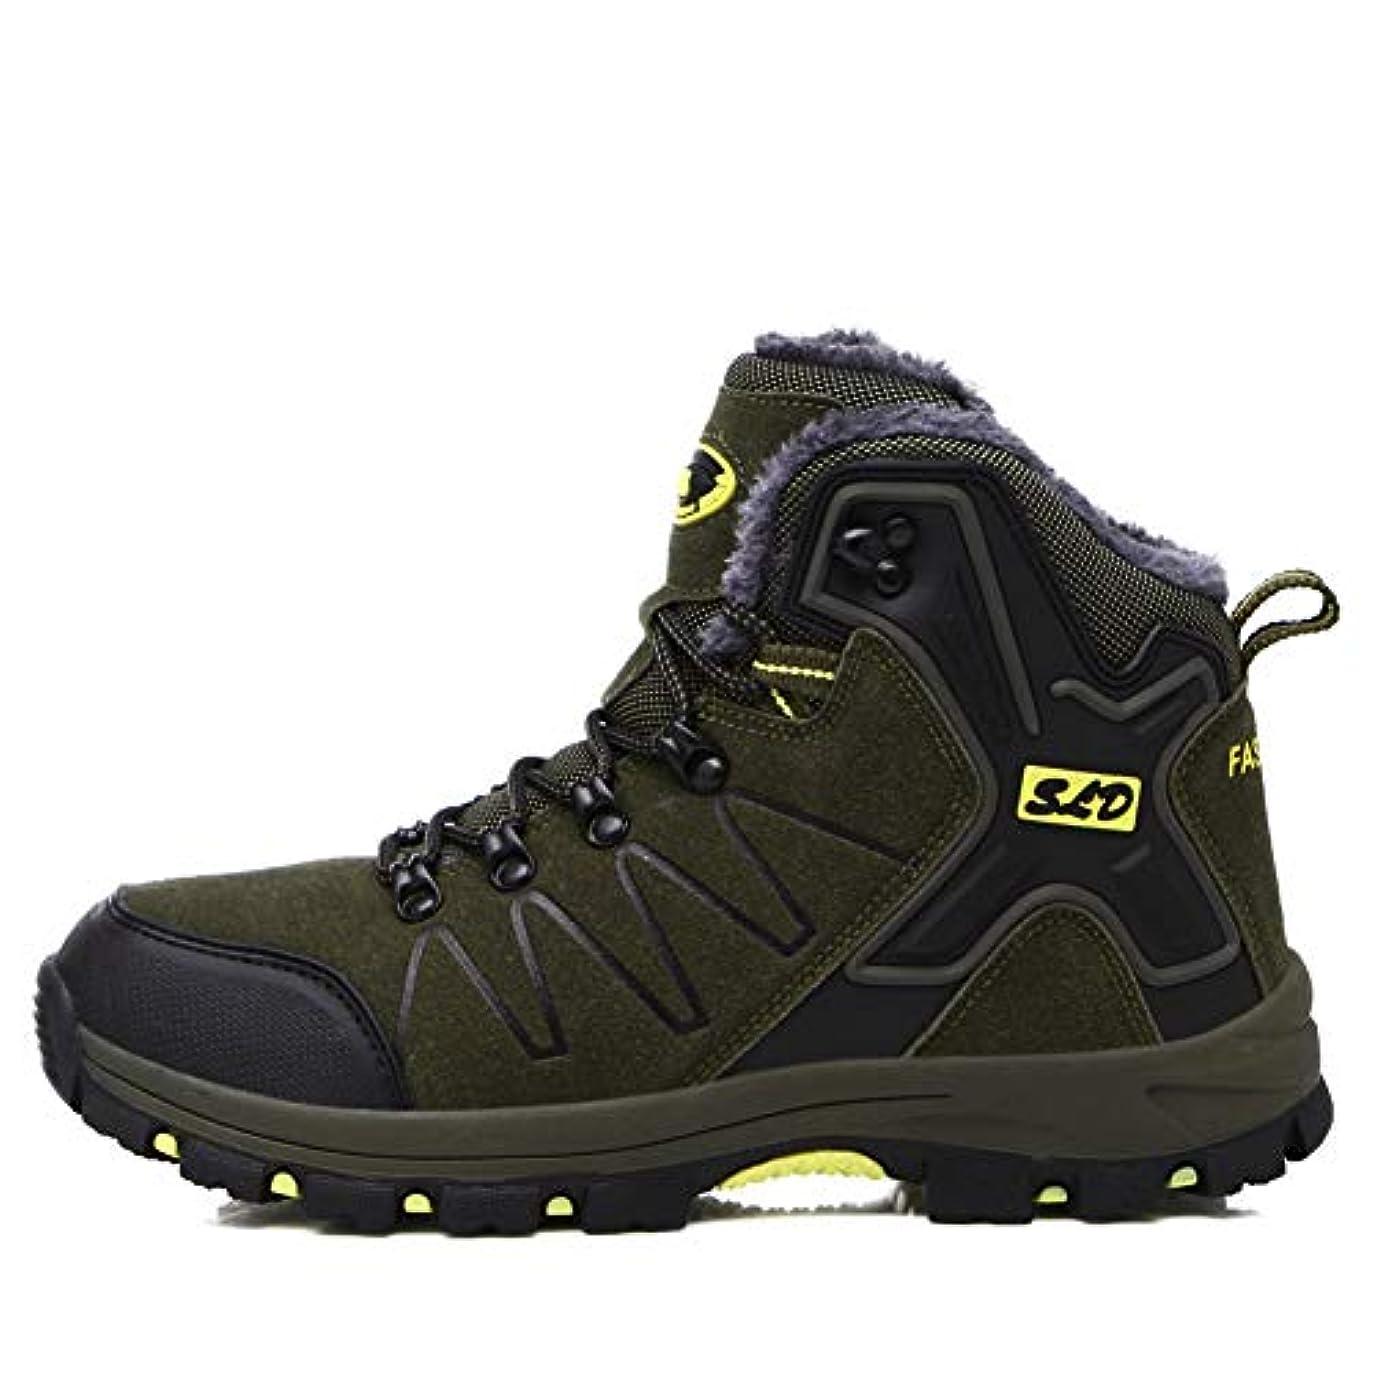 クラウドブロッサムペパーミント[TcIFE] トレッキングシューズ メンズ 防水 防滑 ハイカット 登山靴 大きいサイズ ハイキングシューズ メンズ 耐磨耗 ハイキングシューズ メンズ 通気性 スニーカー